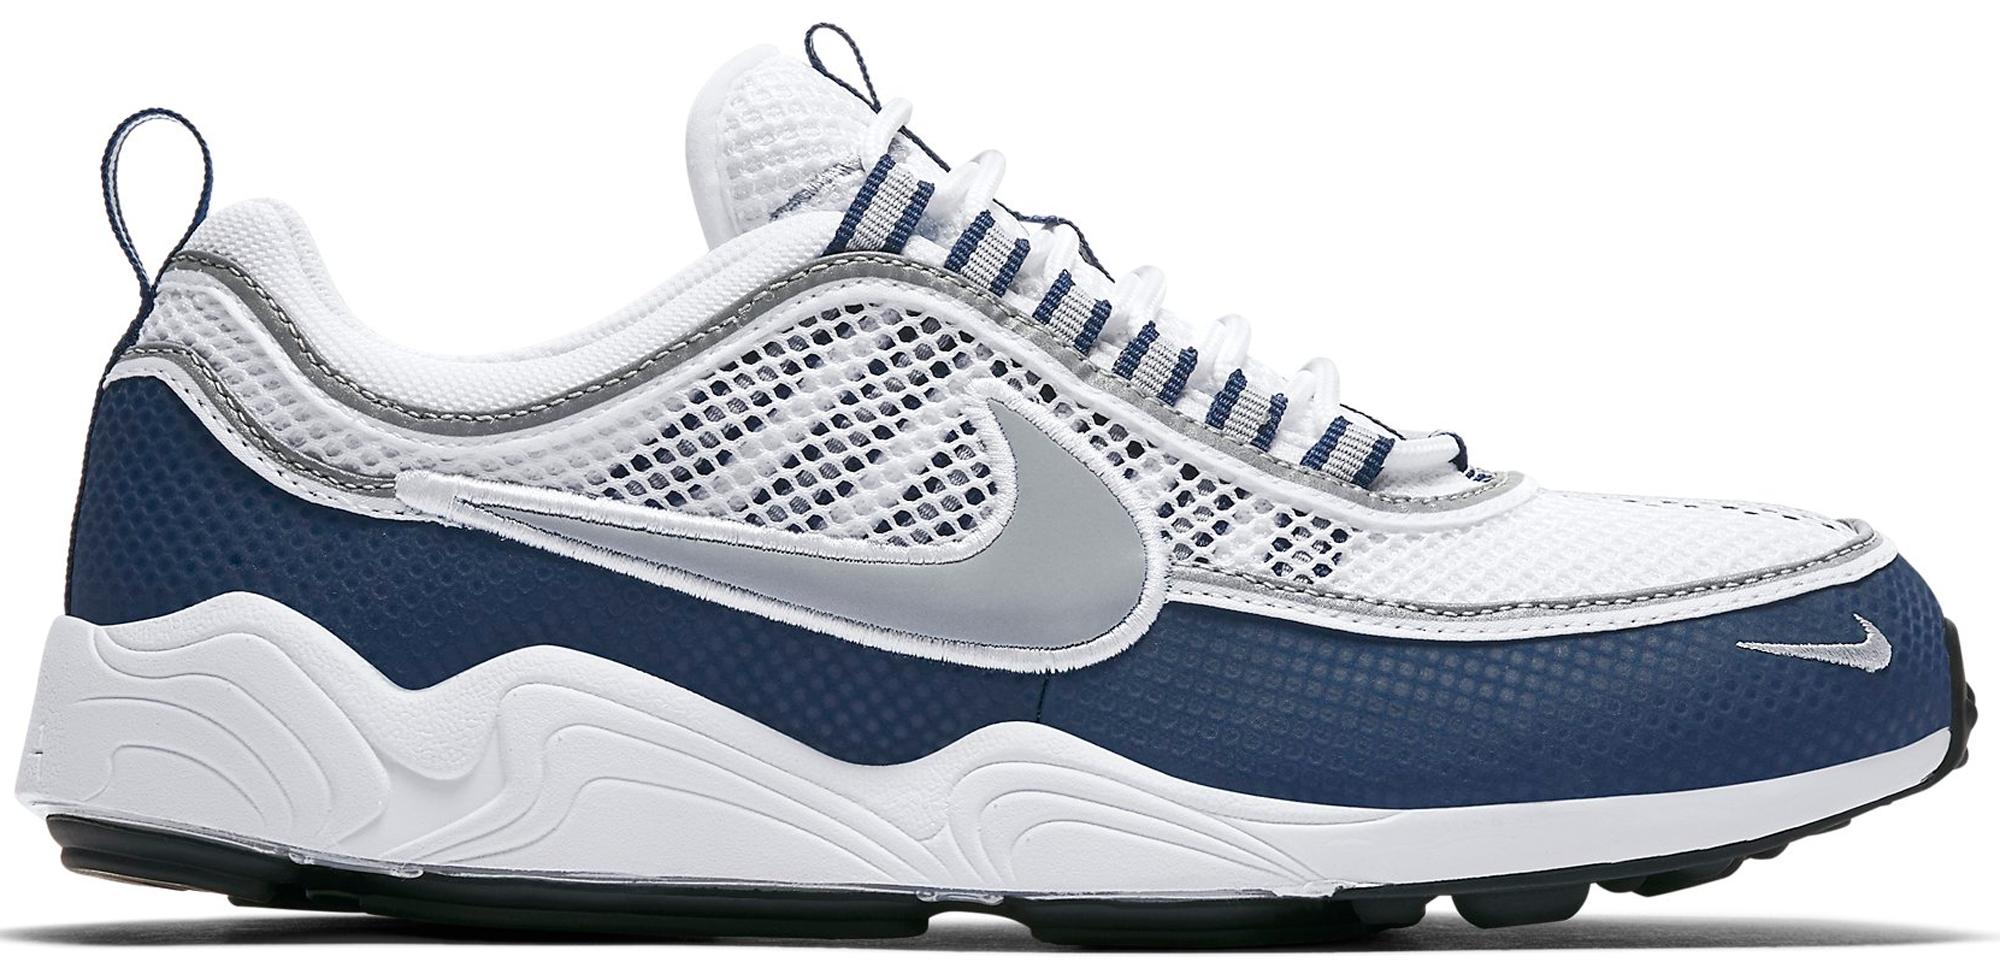 Nike Air Zoom Spiridon White Midnight